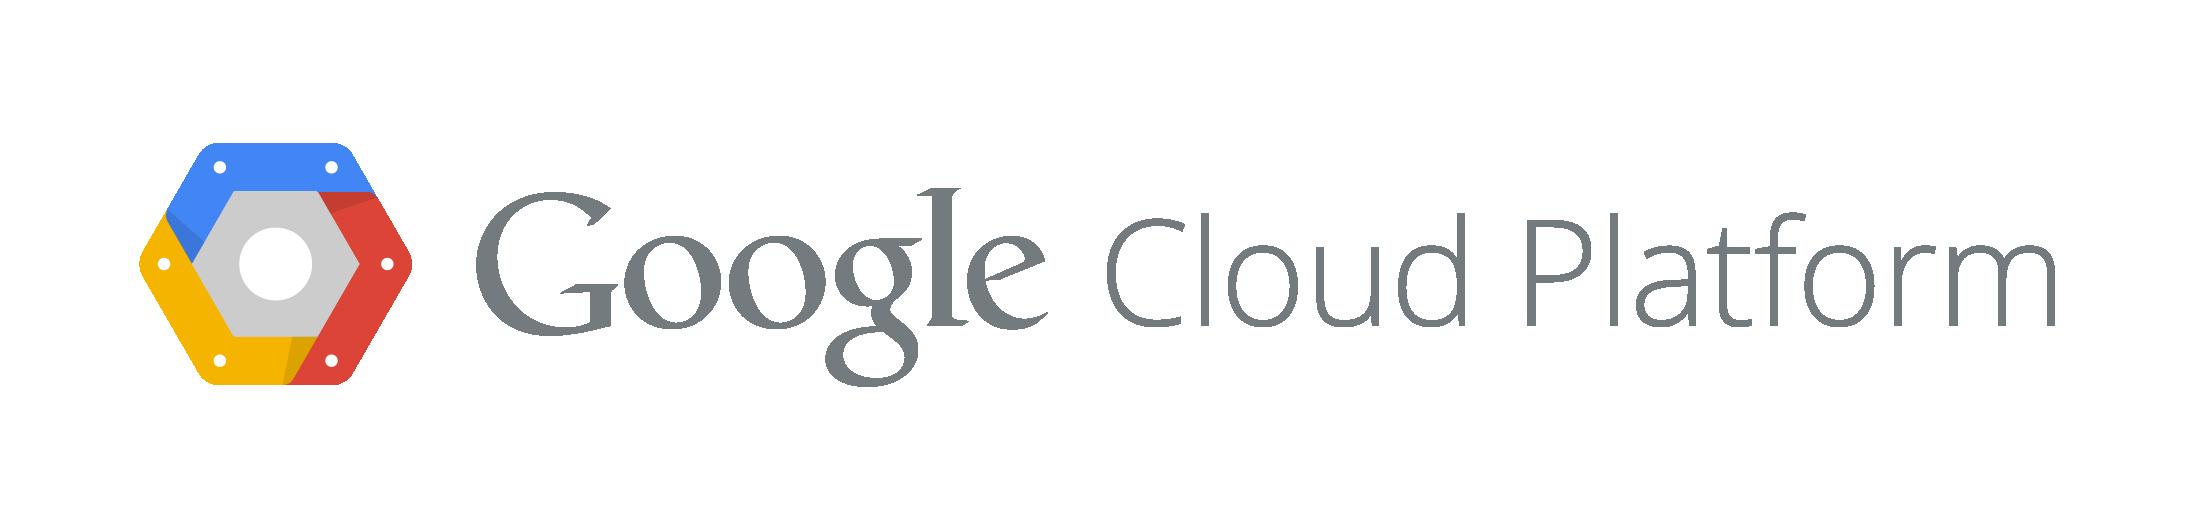 CloudPlatform_HorizontalLockup